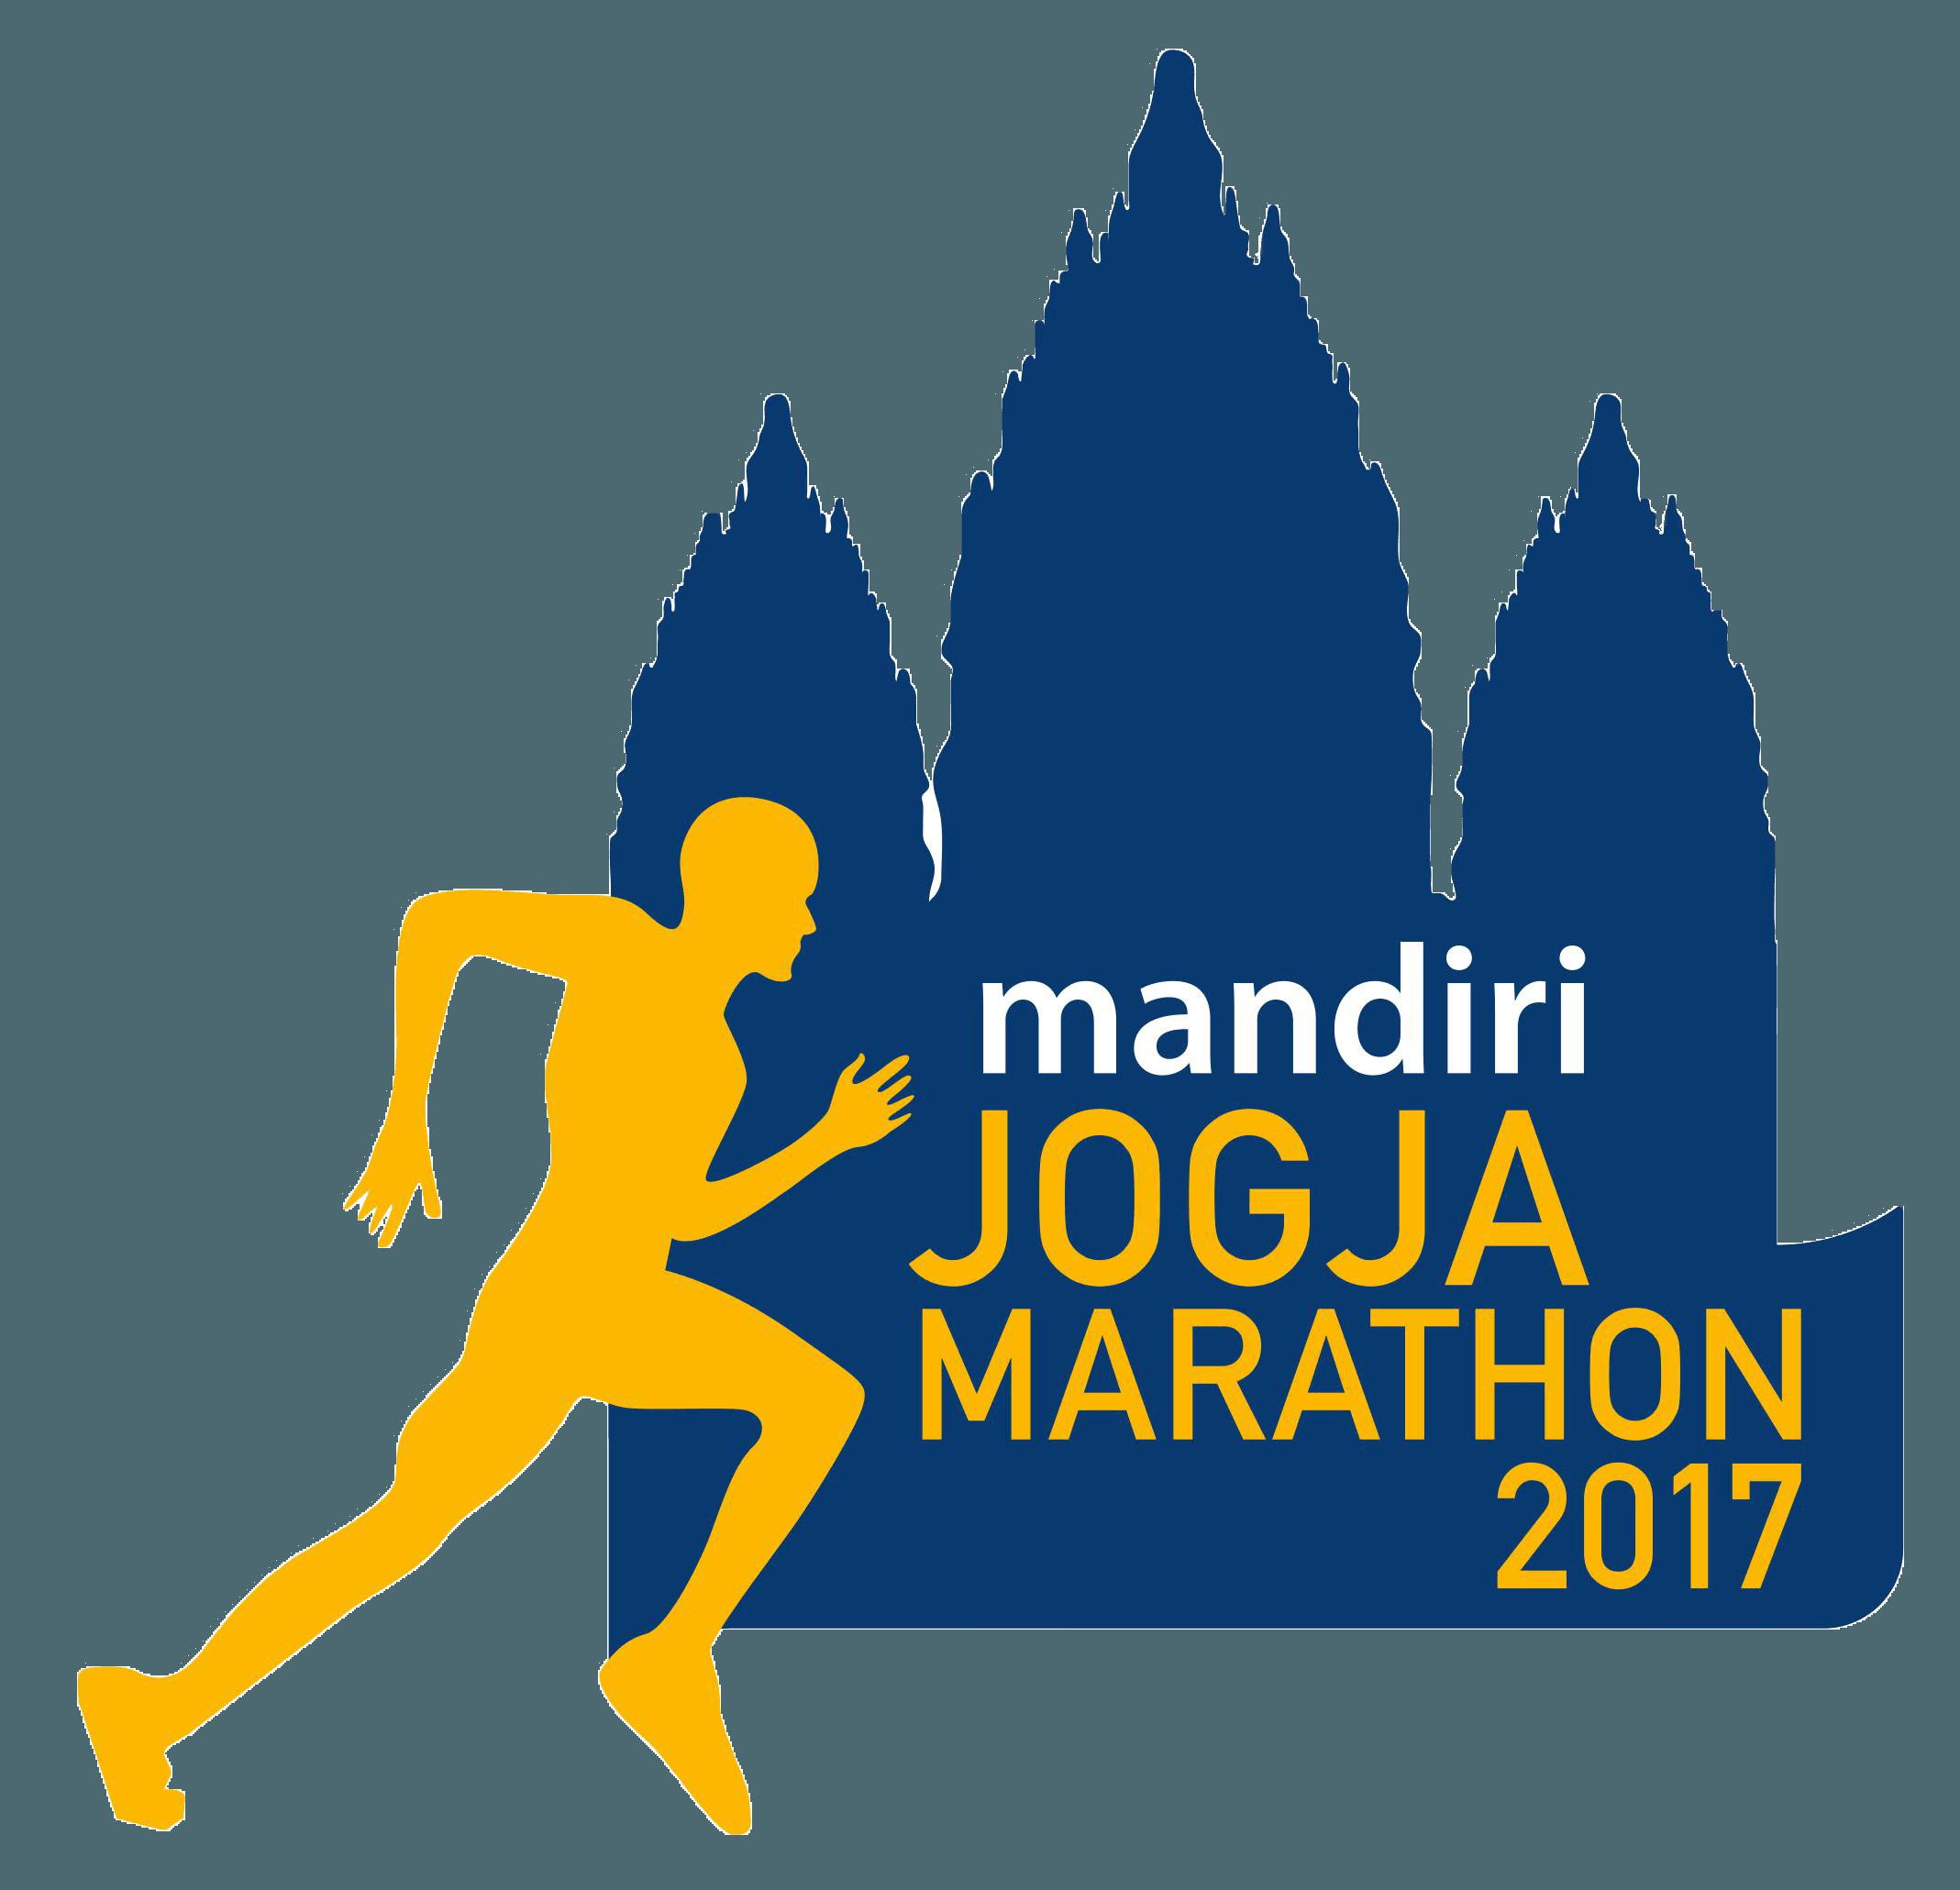 Mandiri Jogja Marathon – Prambanan Yogyakarta, 23 April 2017